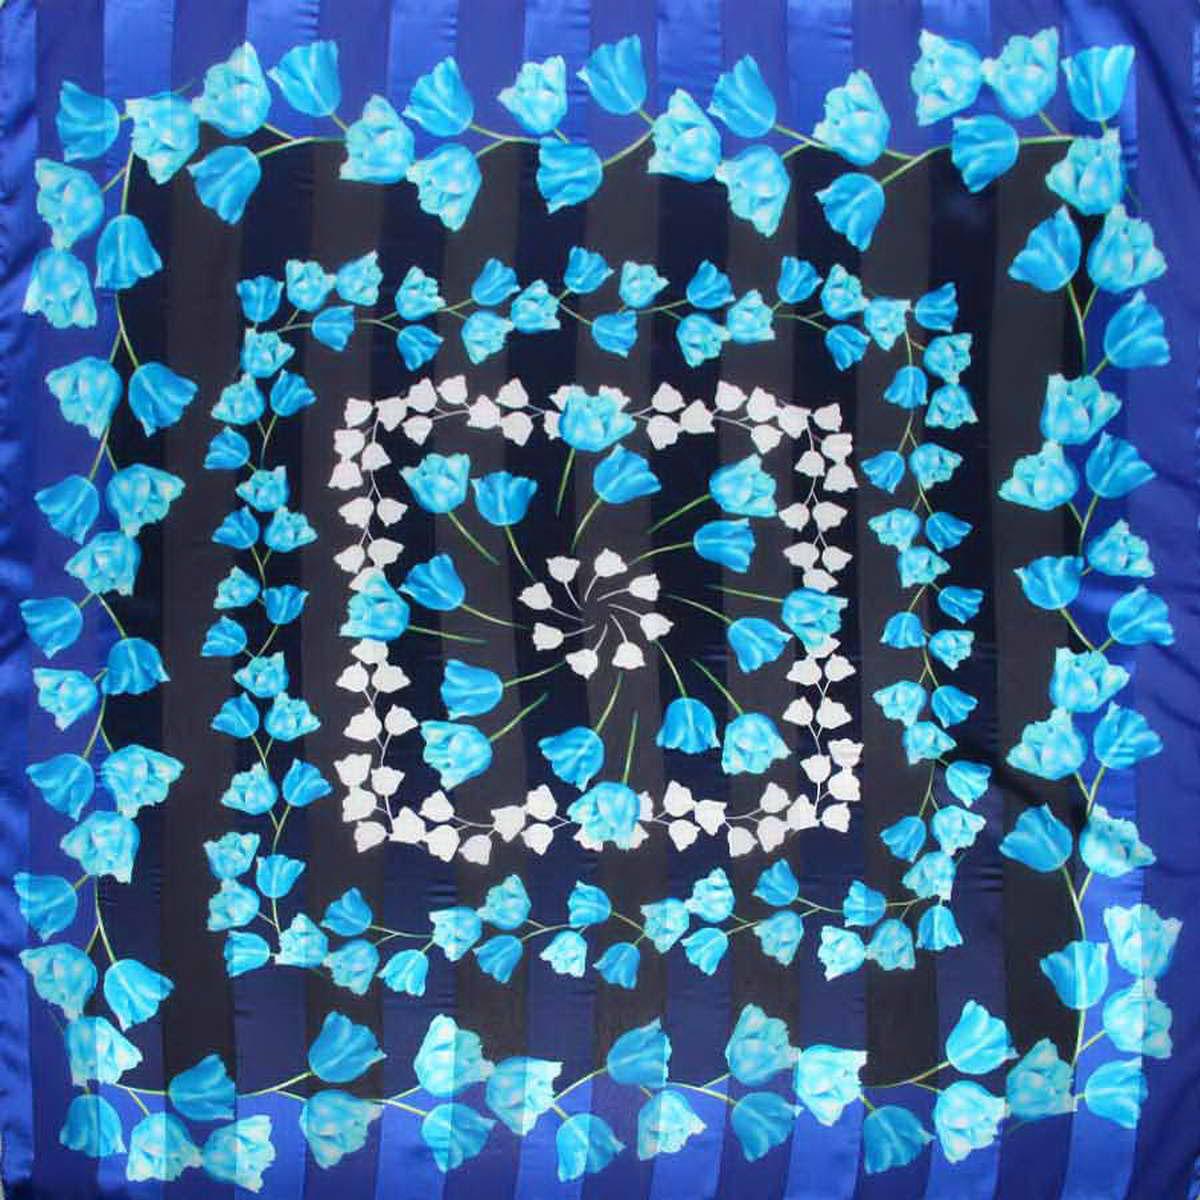 Платок женский Venera, цвет: голубой, синий, темно-синий. 3904972-17. Размер 90 см х 90 см3904972-17Стильный женский платок Venera станет великолепным завершением любого наряда. Платок изготовлен из полиэстера и оформлен цветочным принтом. Классическая квадратная форма позволяет носить платок на шее, украшать им прическу или декорировать сумочку. Легкий и приятный на ощупь платок поможет вам создать изысканный женственный образ. Такой платок превосходно дополнит любой наряд и подчеркнет ваш неповторимый вкус и элегантность.